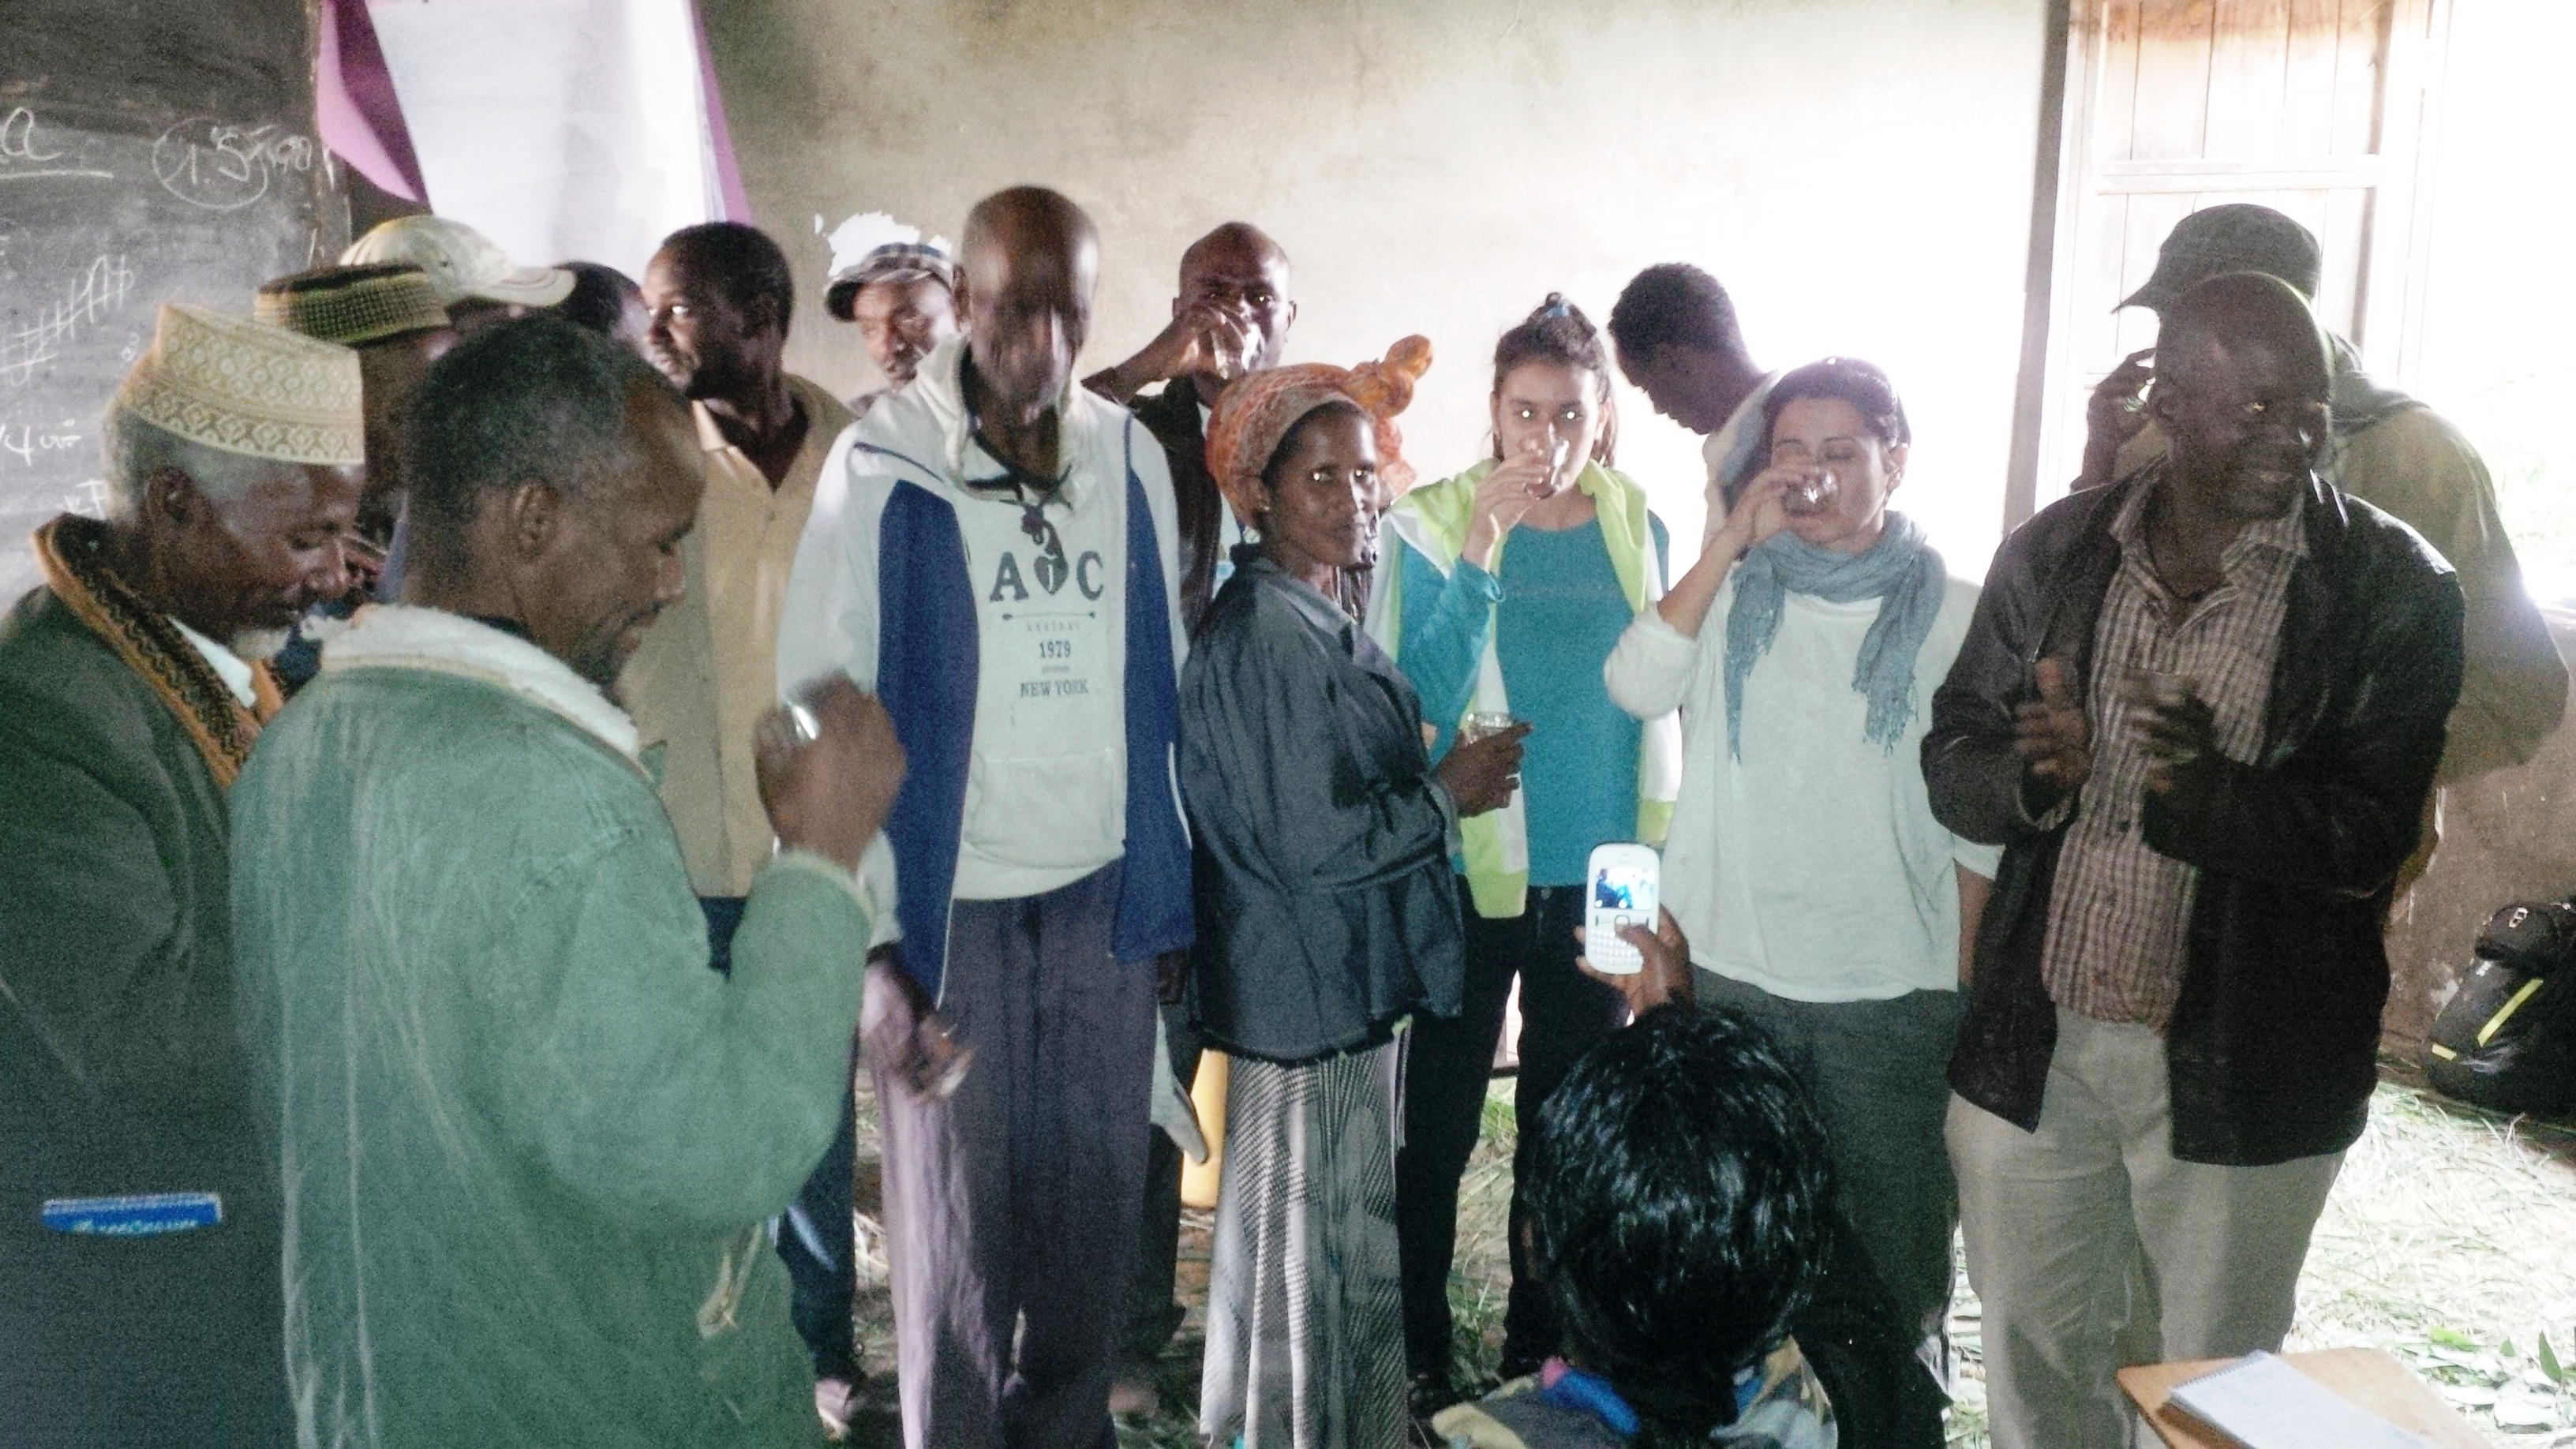 Il brindisi con l'acqua filtrata e potabile. Così i leader di Langute hanno mostrato alla loro comunità la bontà della fonte